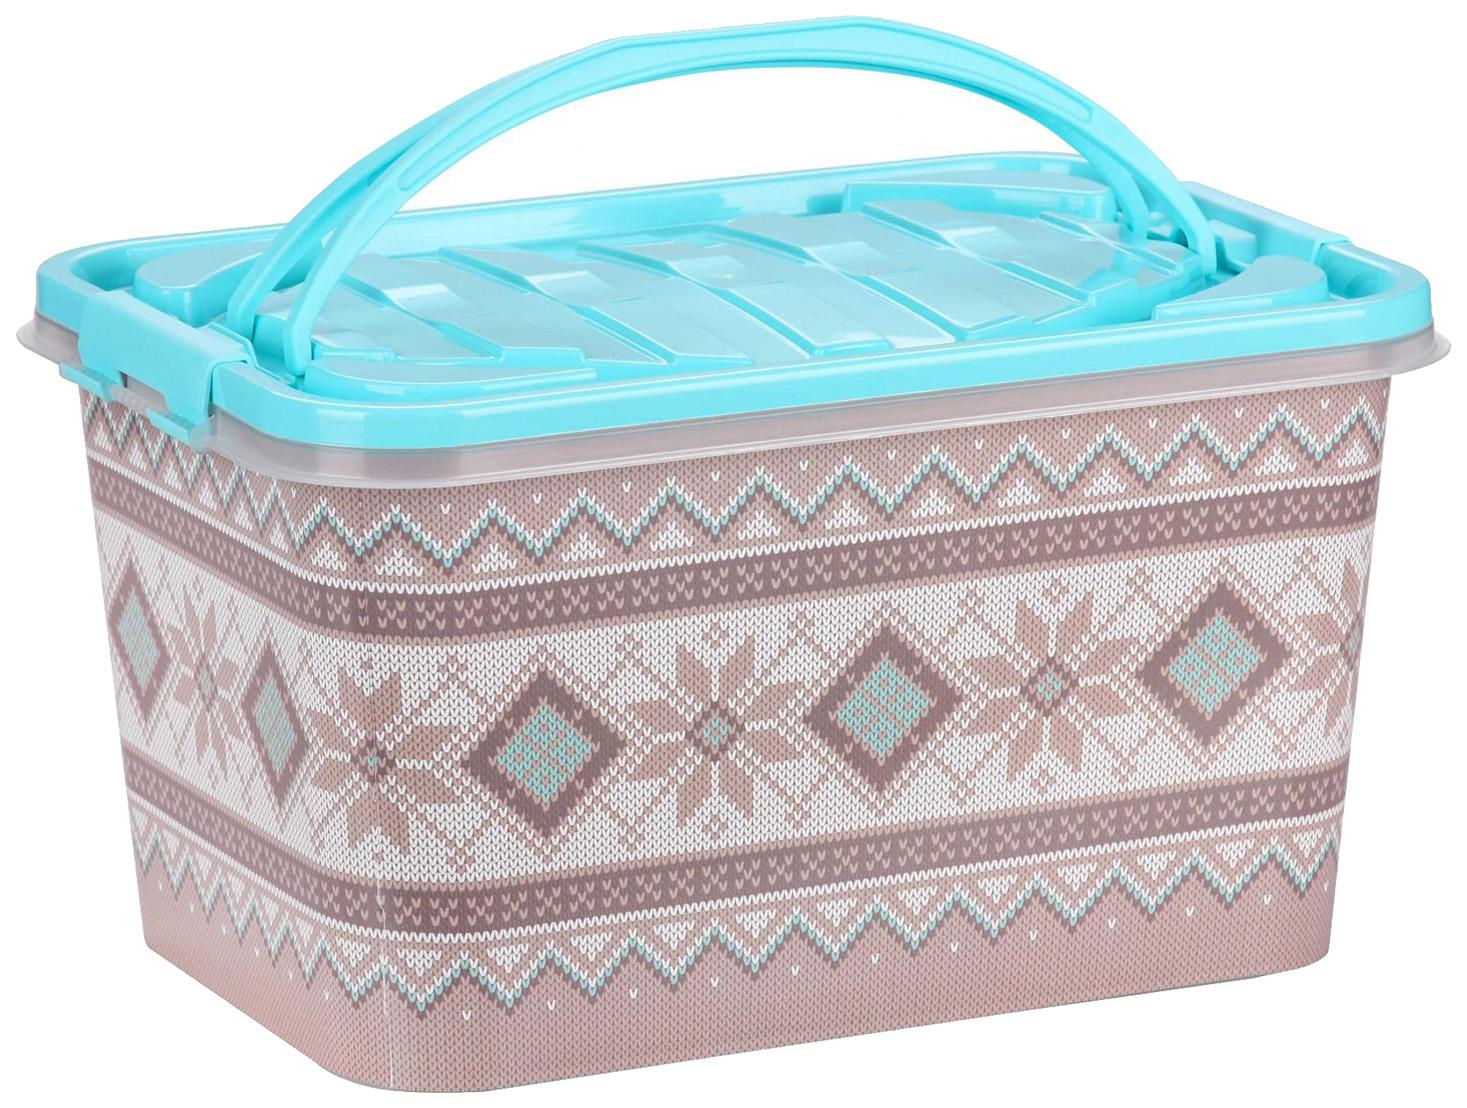 Ящик для хранения игрушек Альтернатива Лапландия М6565